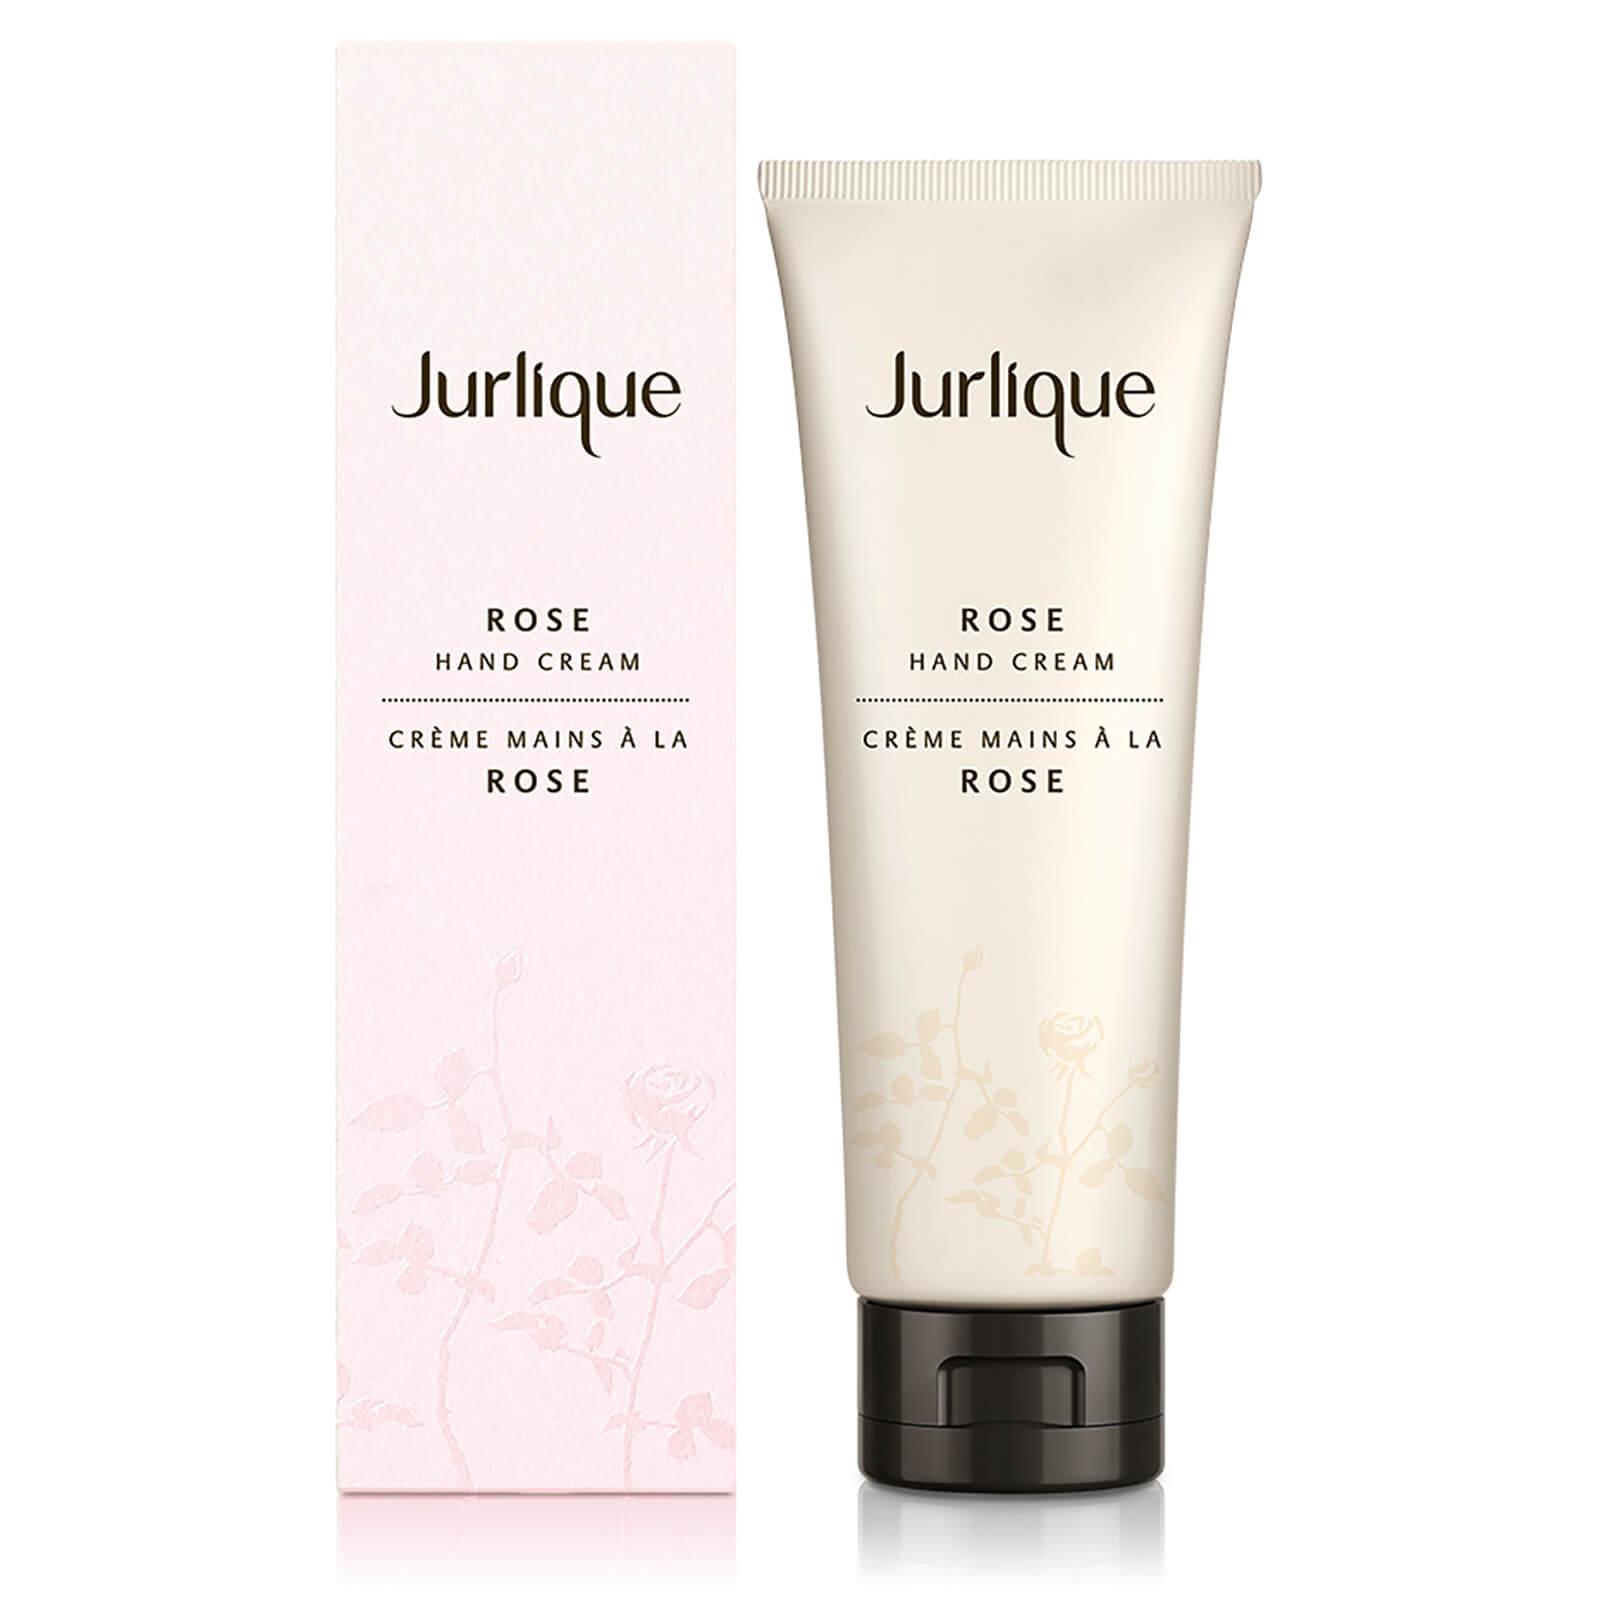 Питательный крем для рук Rose Hand Cream Jurlique Австралия 125 мл(р) — фото №1